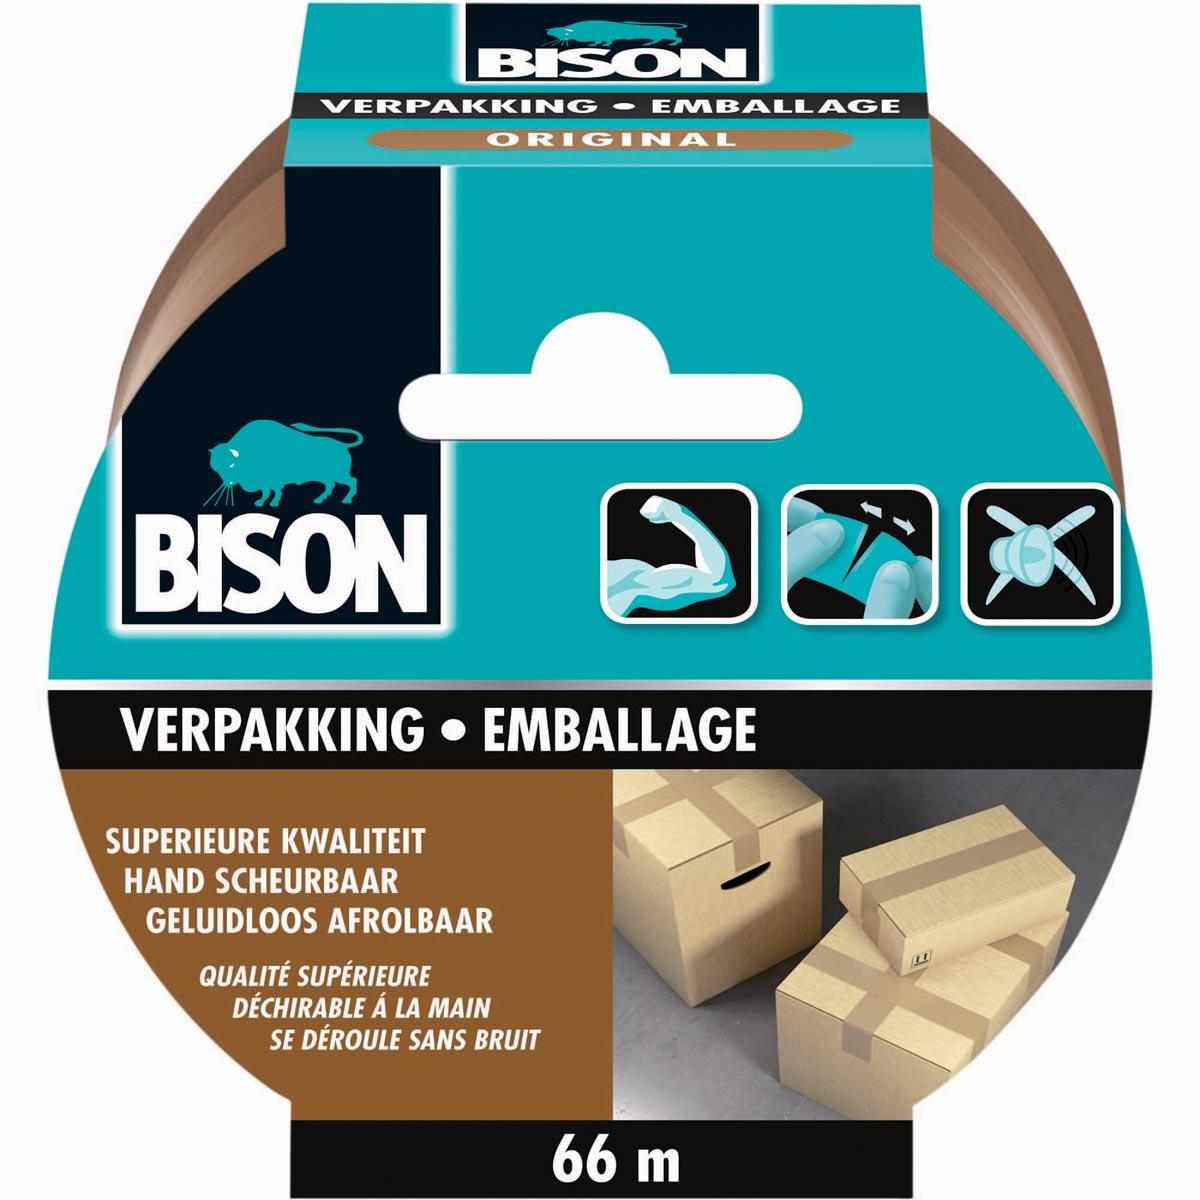 Bison verpakkingstape Original, 50 mm x 66 m